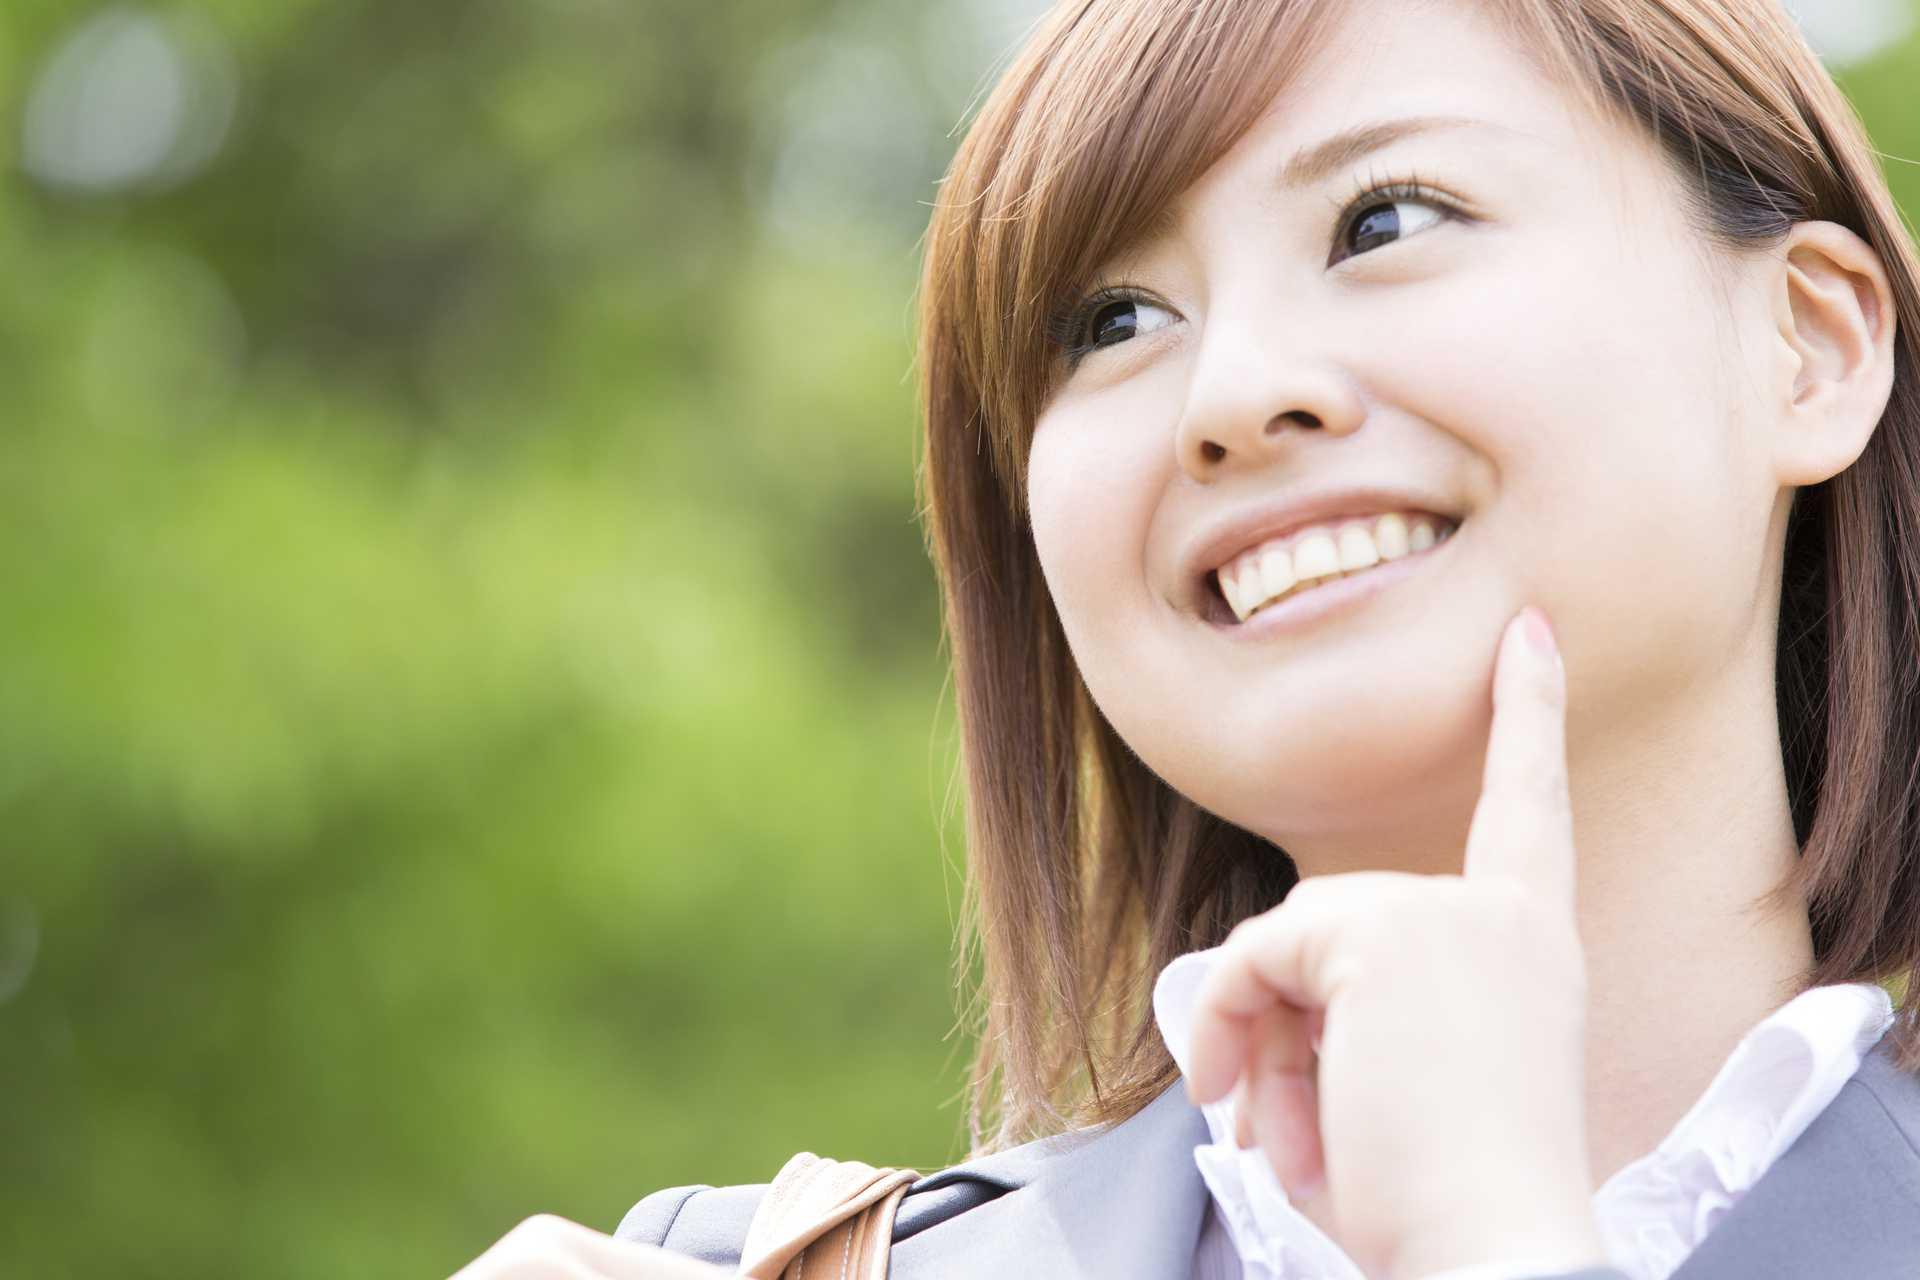 悩みがあるのも、1つの幸せ。 | 幸せな気分になる30の方法